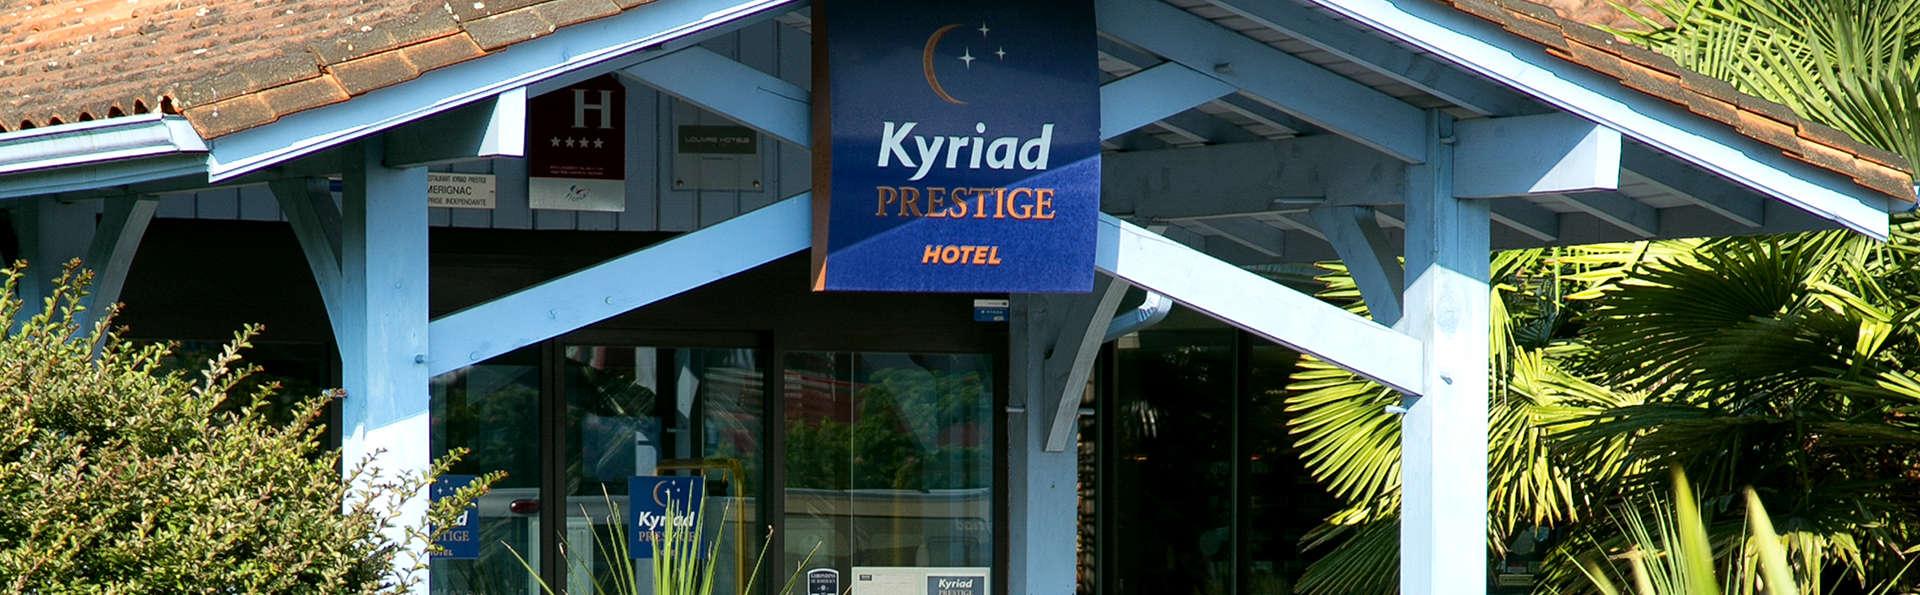 Hôtel Kyriad Prestige - Bordeaux Merignac - Edit_Front.jpg